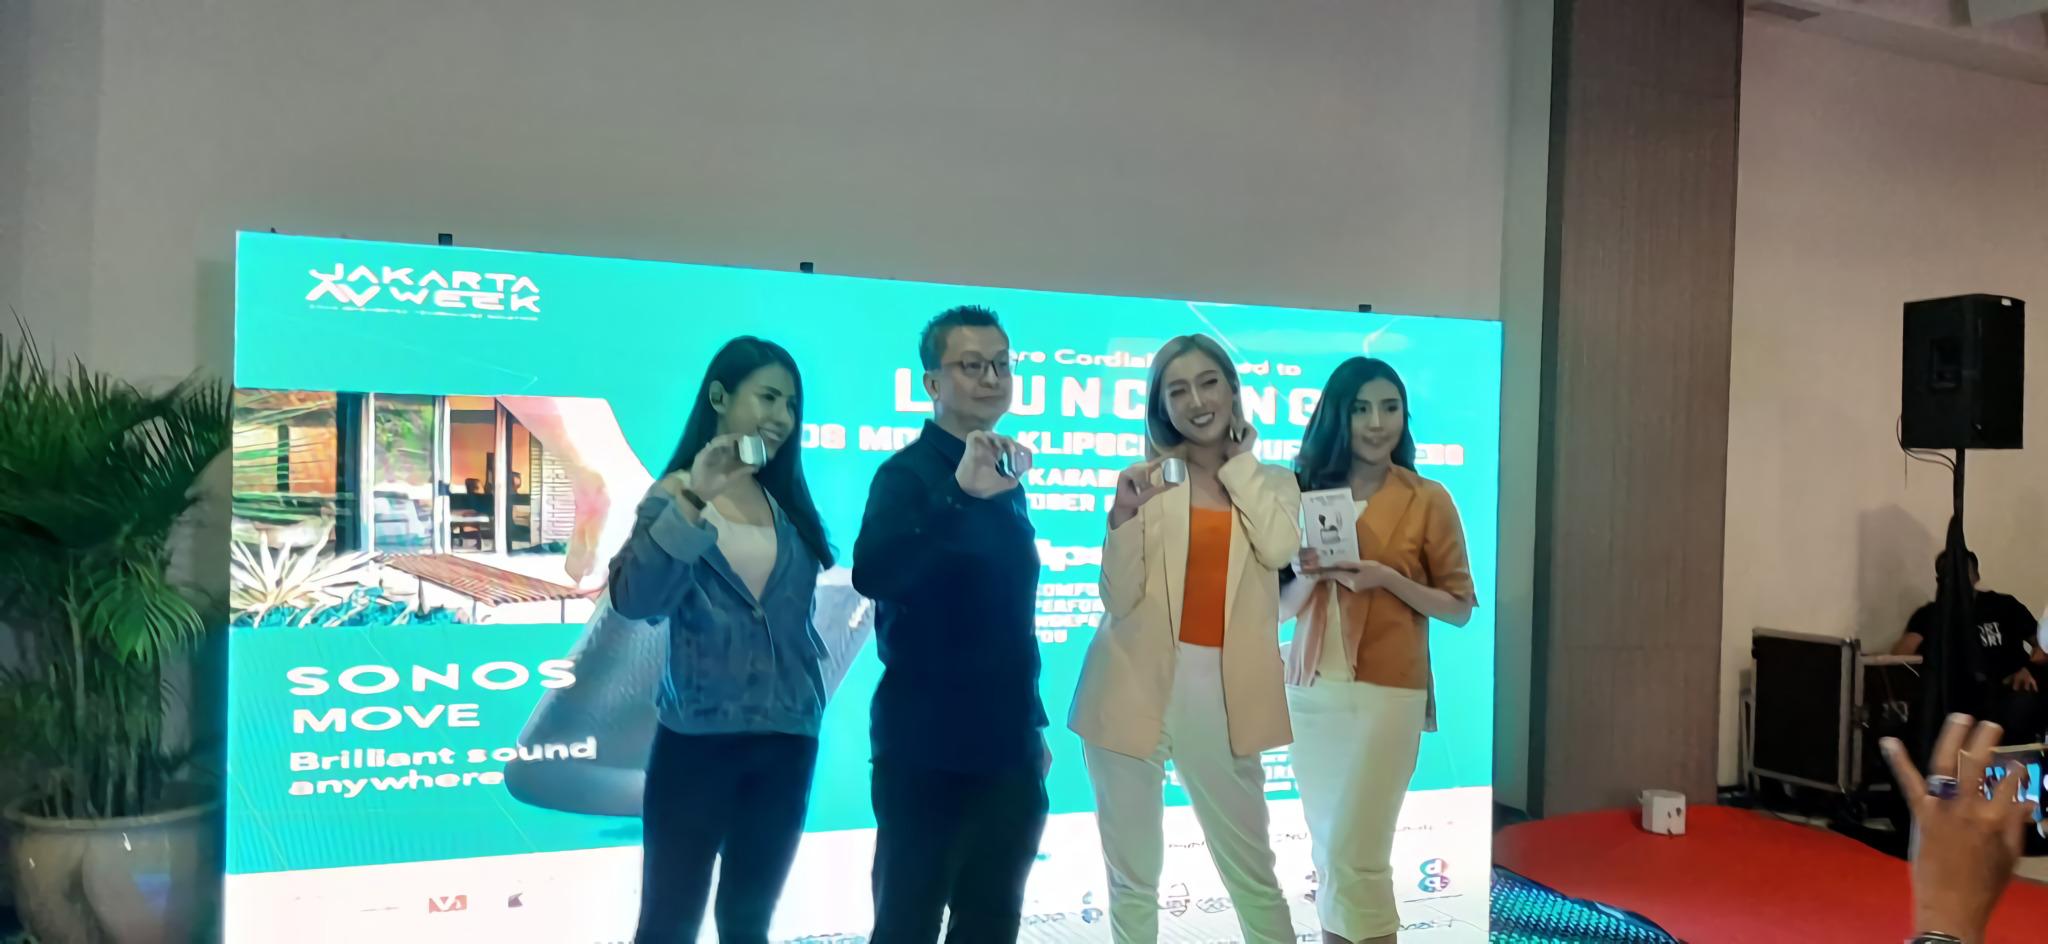 V2 Indonesia Luncurkan 2 Produk Baru di Jakarta Audio Visual Week